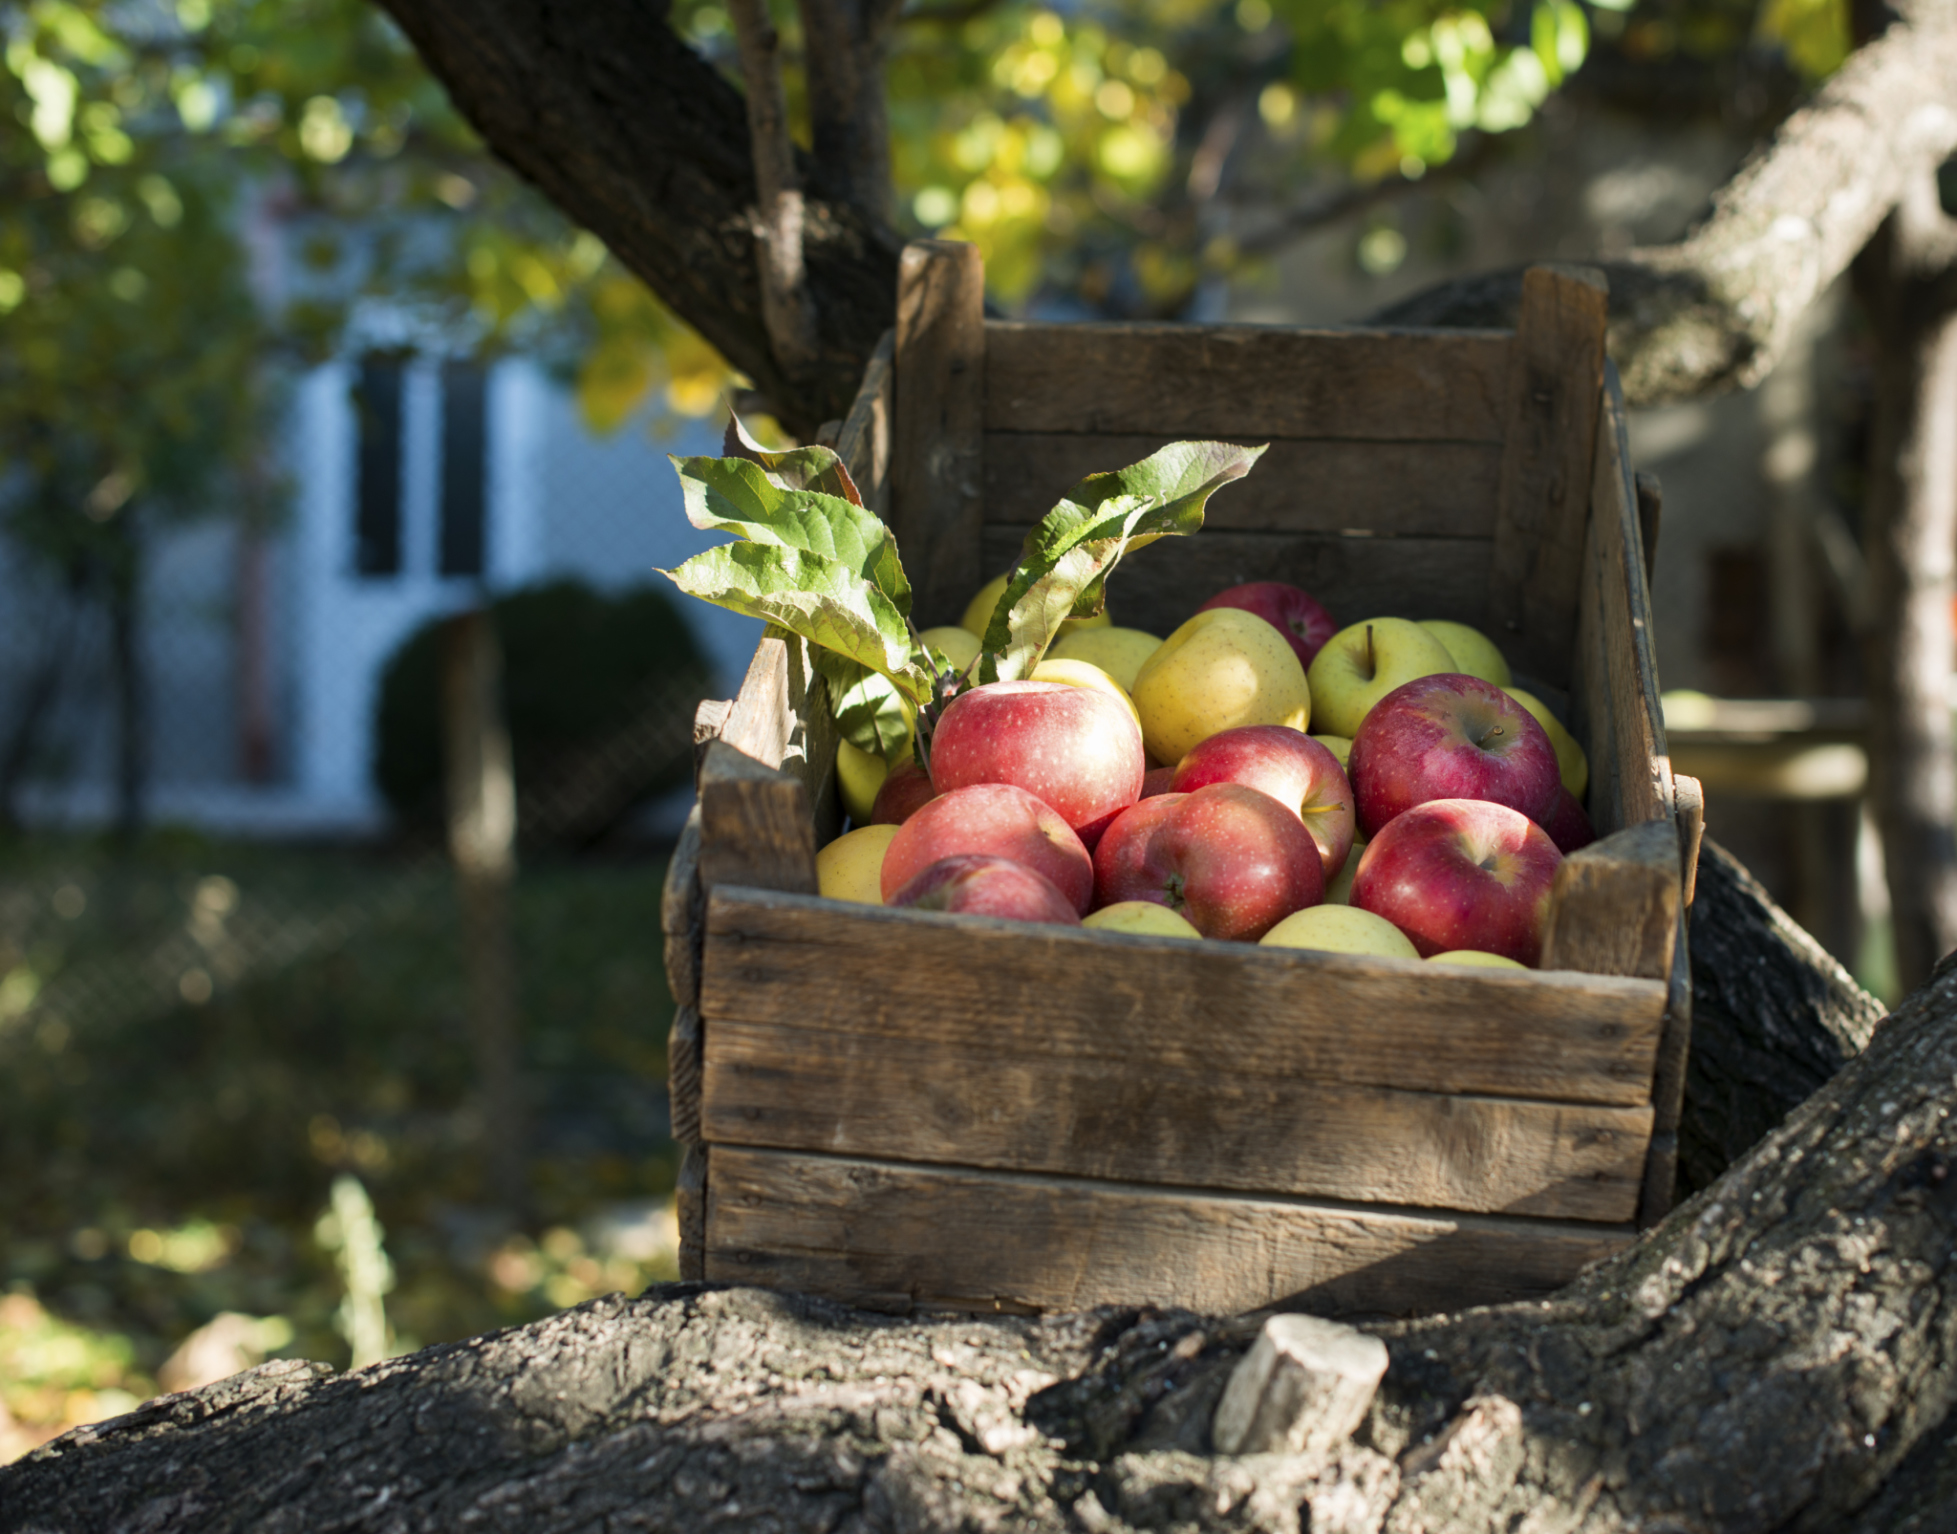 Søndag 20.september arrangeres det Eplefestival på Rove på Kirkeøy fra kl. 12.30 til kl. 16.00. Arrangør er Hvaler Hagelag, som sørger for en innholdsrik utstilling av Hvalers tradisjonelle eplesorter. Og det er ikke få.Ellers fristes man til besøk i eplekafeen og til å kjøpe råpresset eplesaft. Lokale håndverkere og produsenter tilbyr kreative produkter, grønnsaker og ulike typer syltetøy.